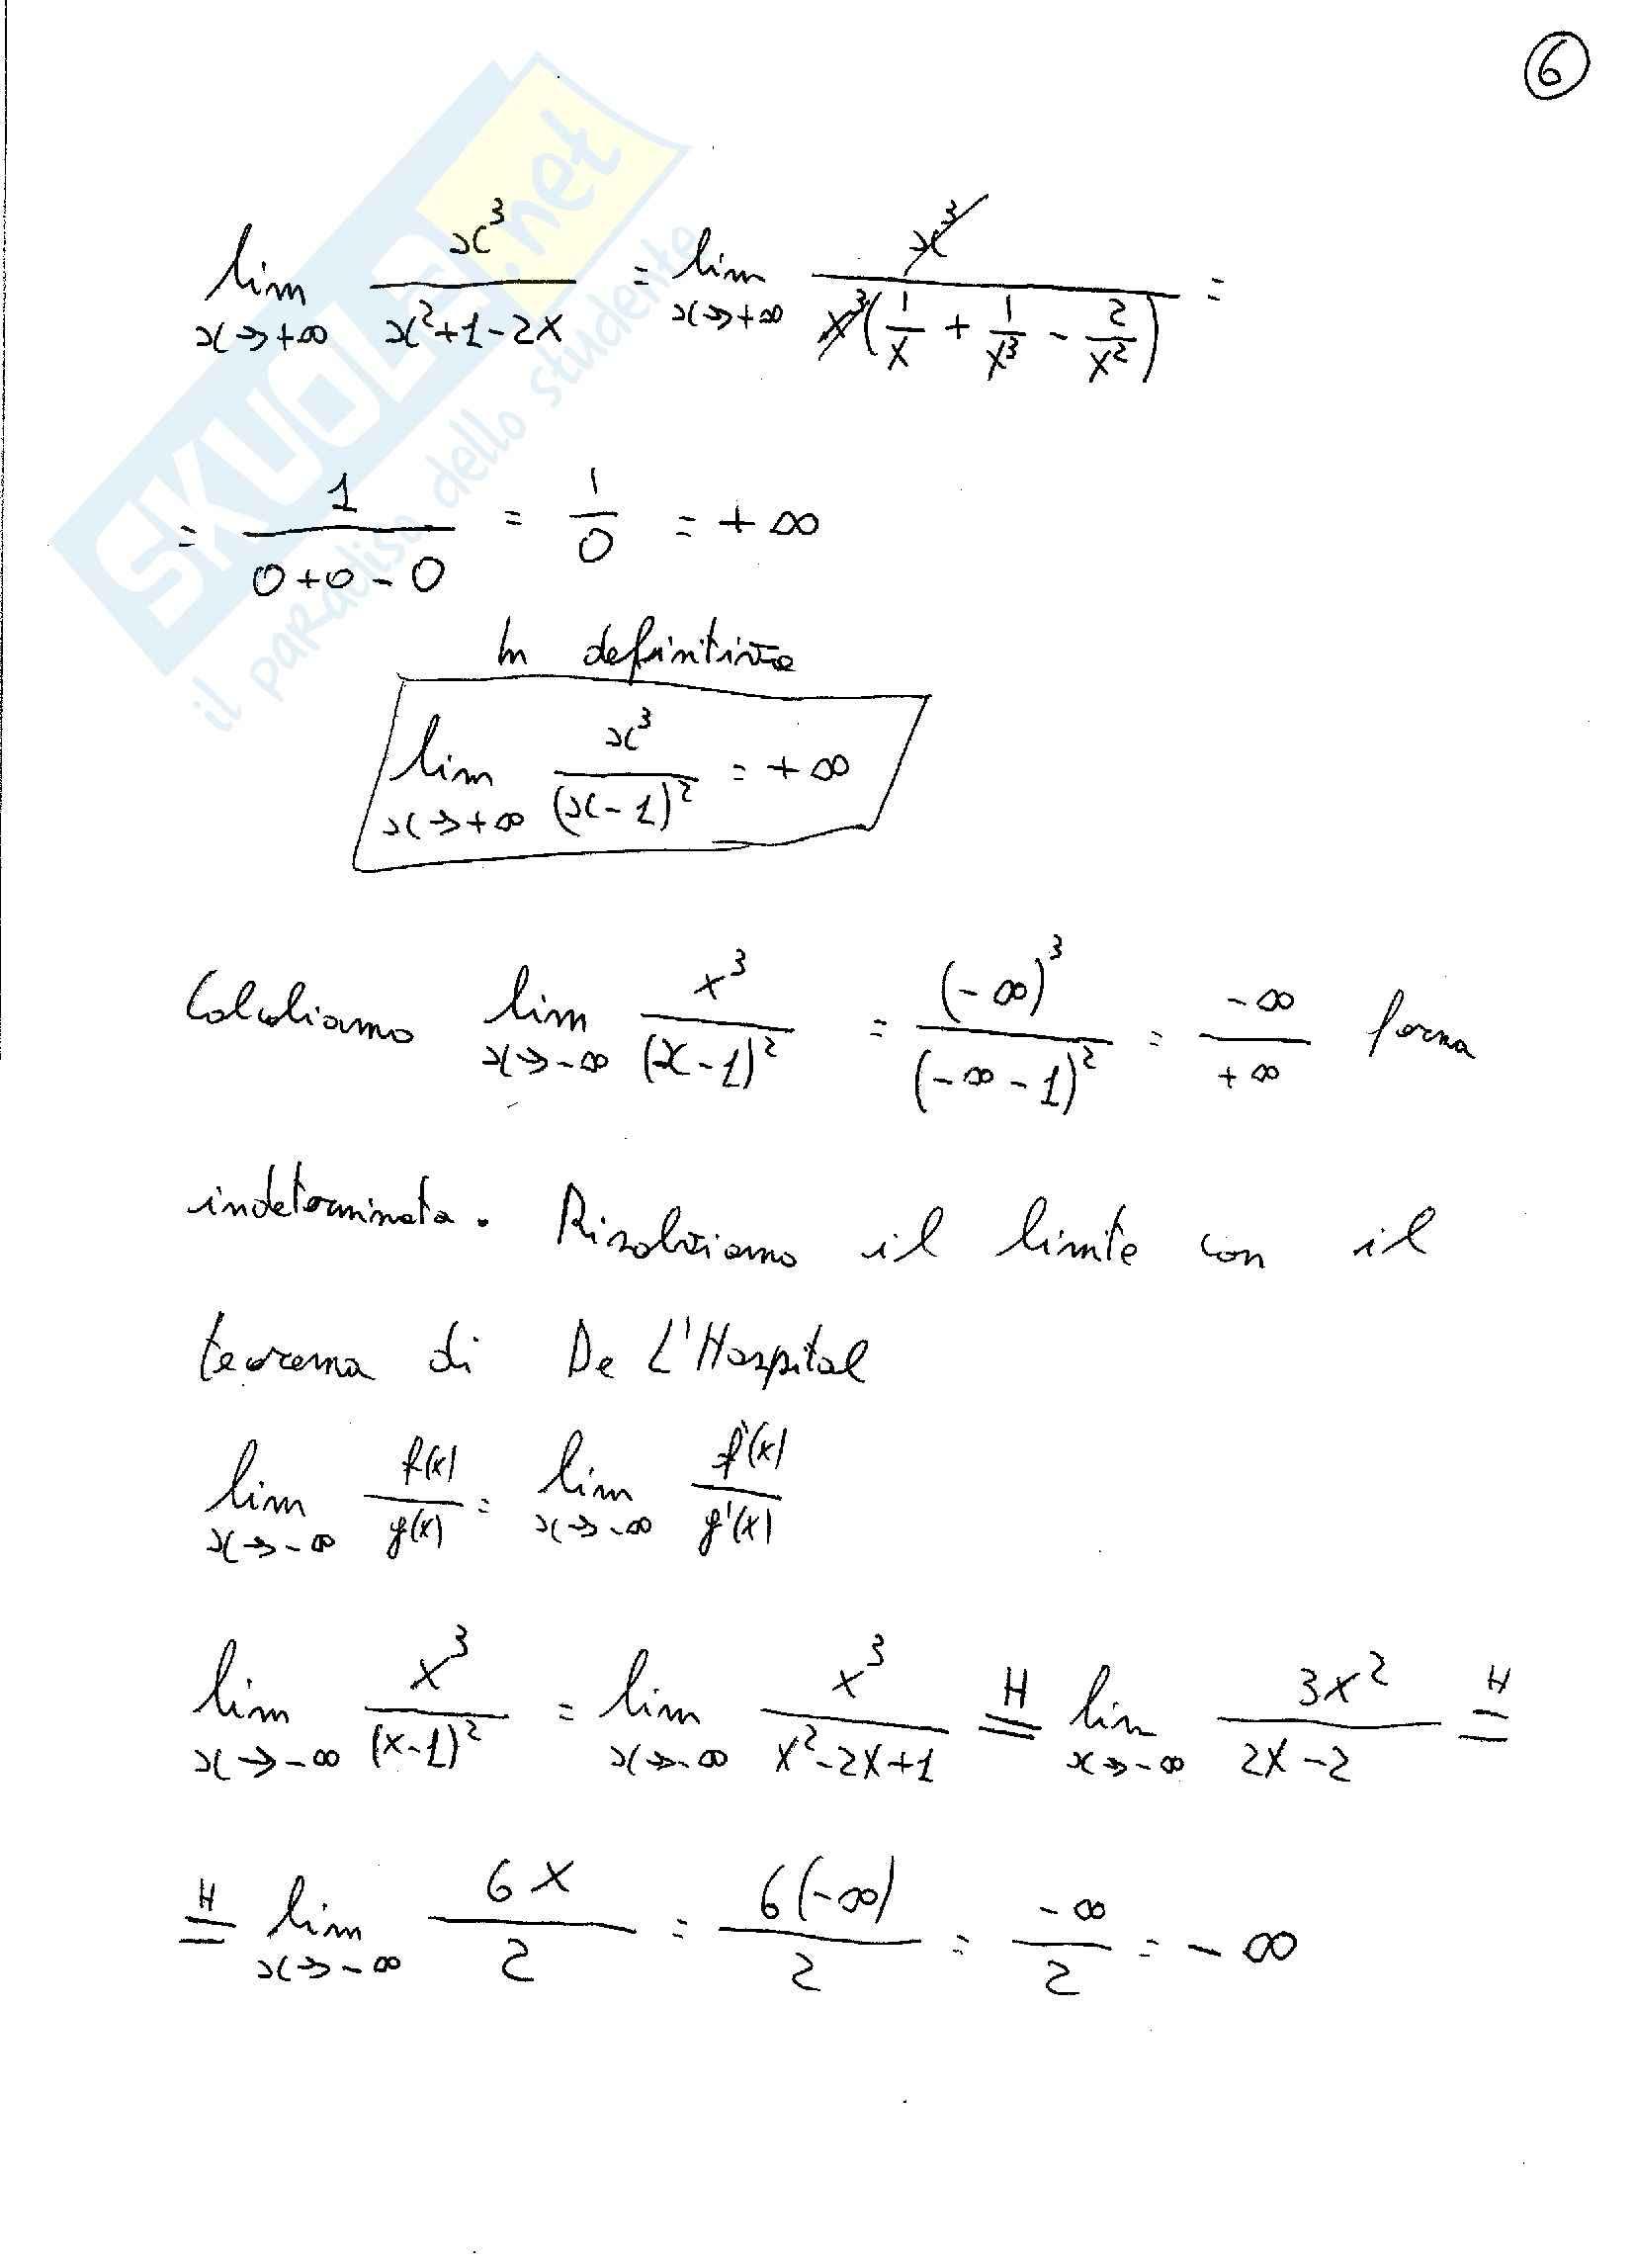 Analisi matematica 1 - esercizi Svolti sulle funzioni razionali fratte Pag. 6